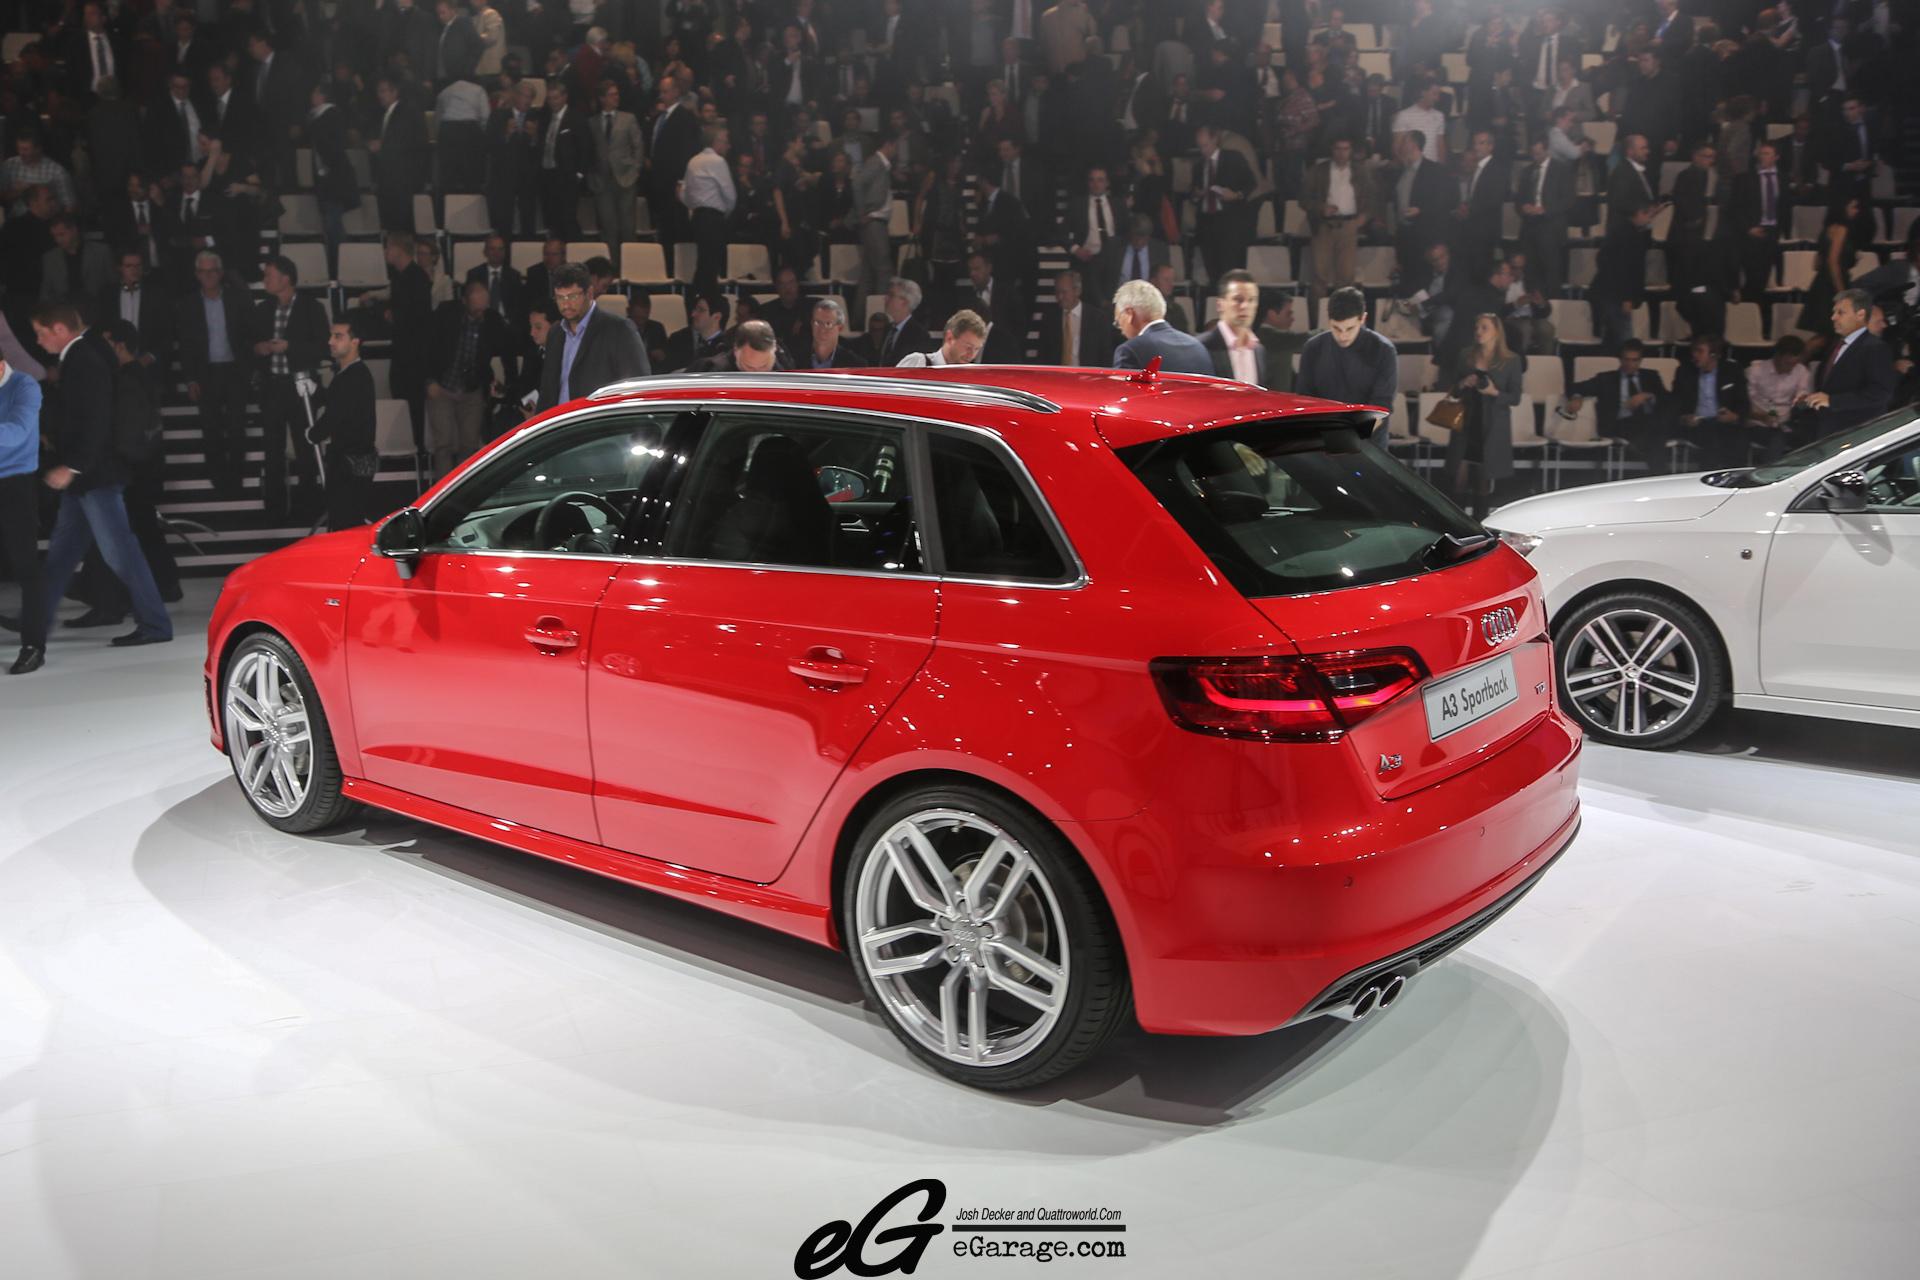 8030378534 cea29de902 o 2012 Paris Motor Show